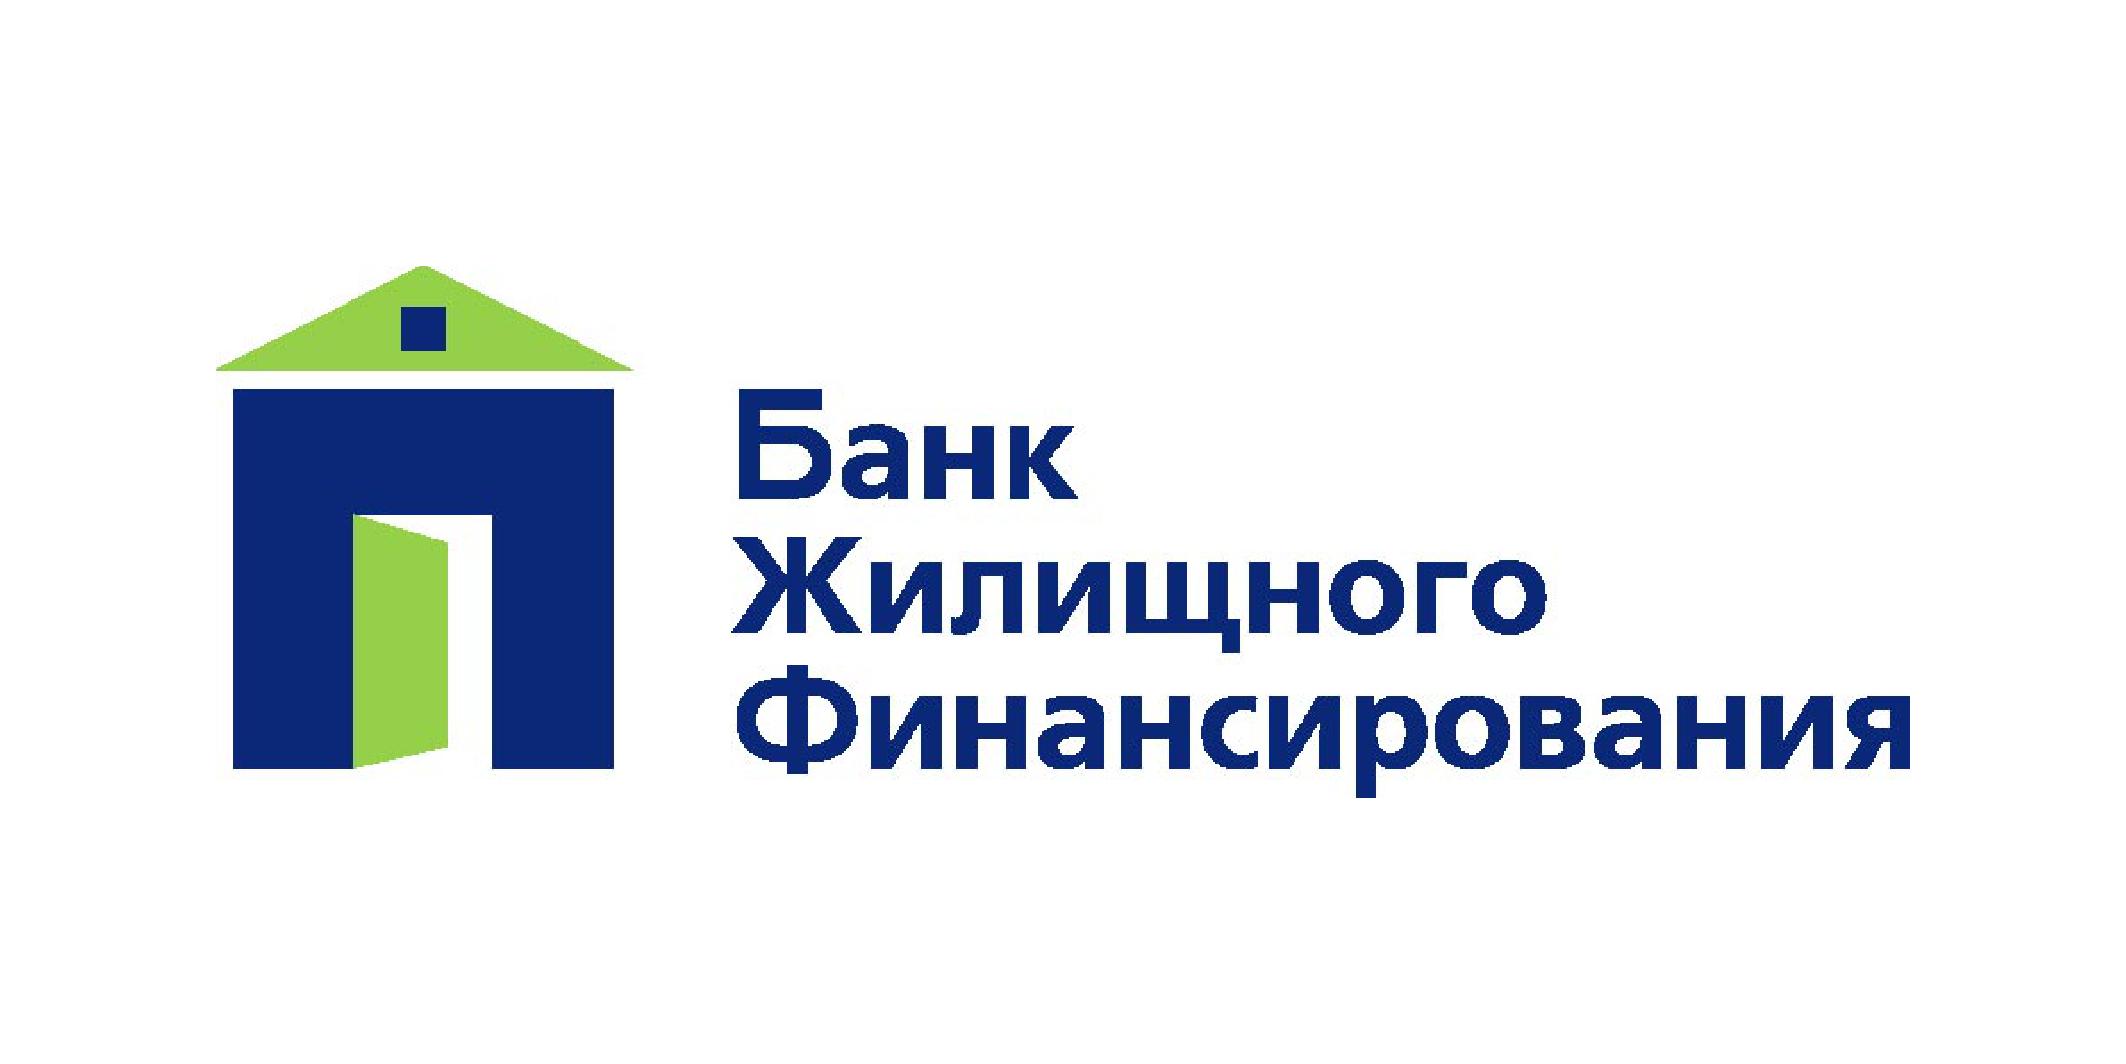 Официальный партнер БЖФ